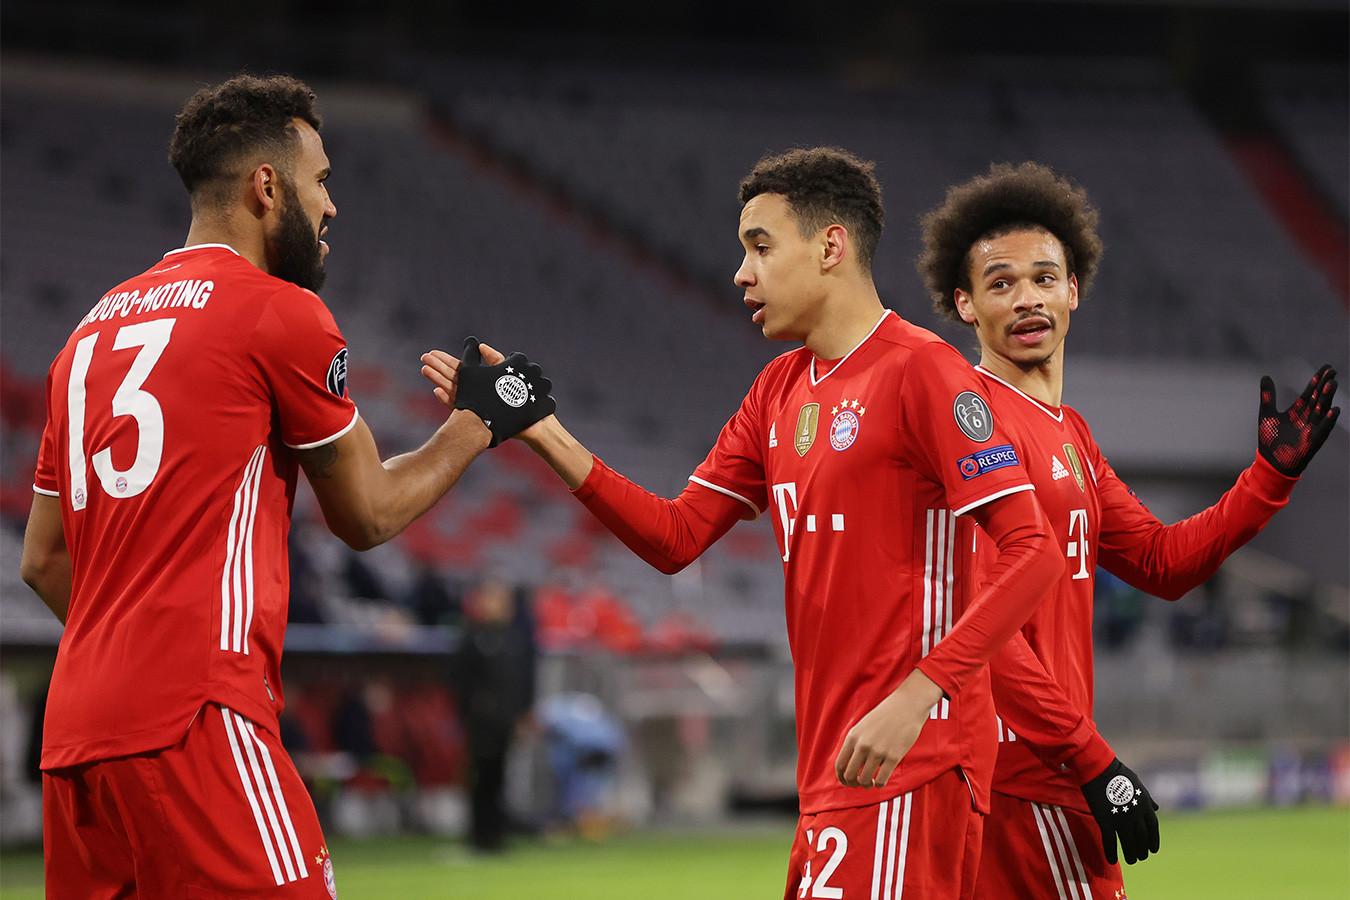 Бавария вновь обыграла Лацио и вышла в 1/4 финала Лиги чемпионов